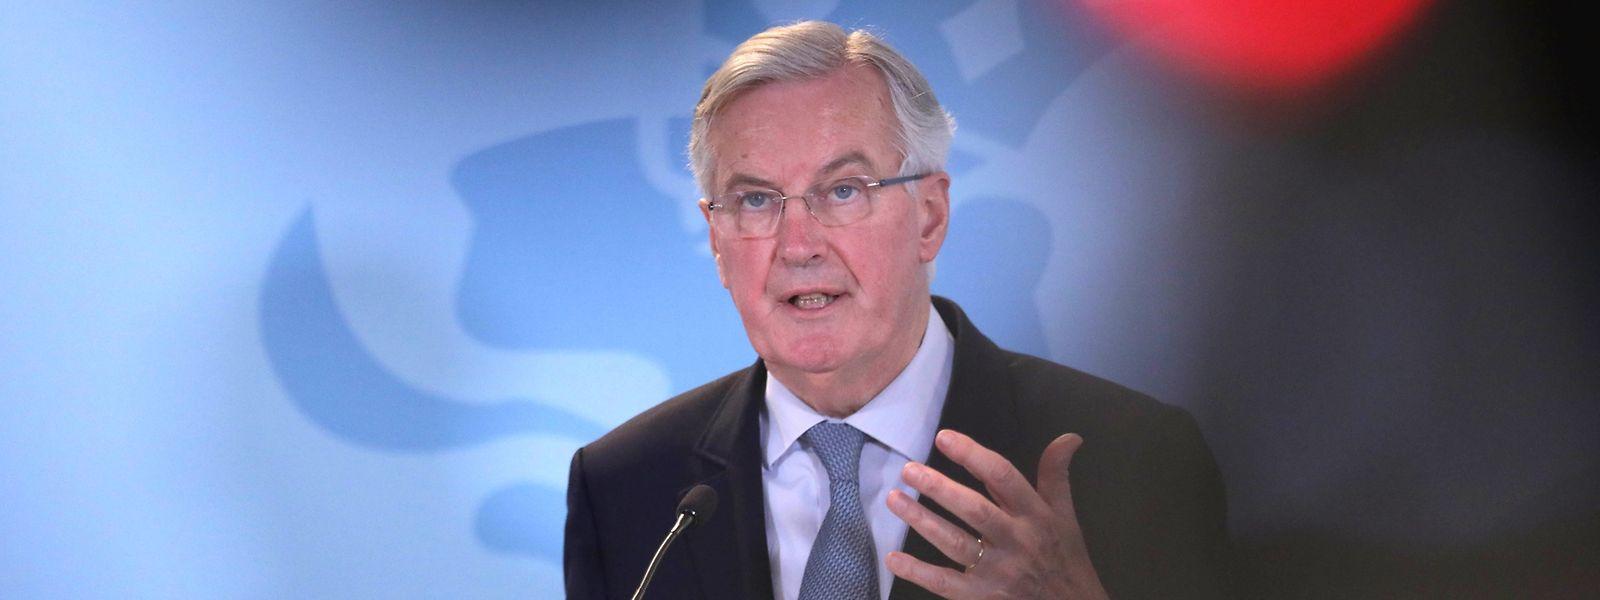 Brexit-Chefunterhändler Michel Barnier ist bereit, sich die Vorschläge aus London anzuhören.